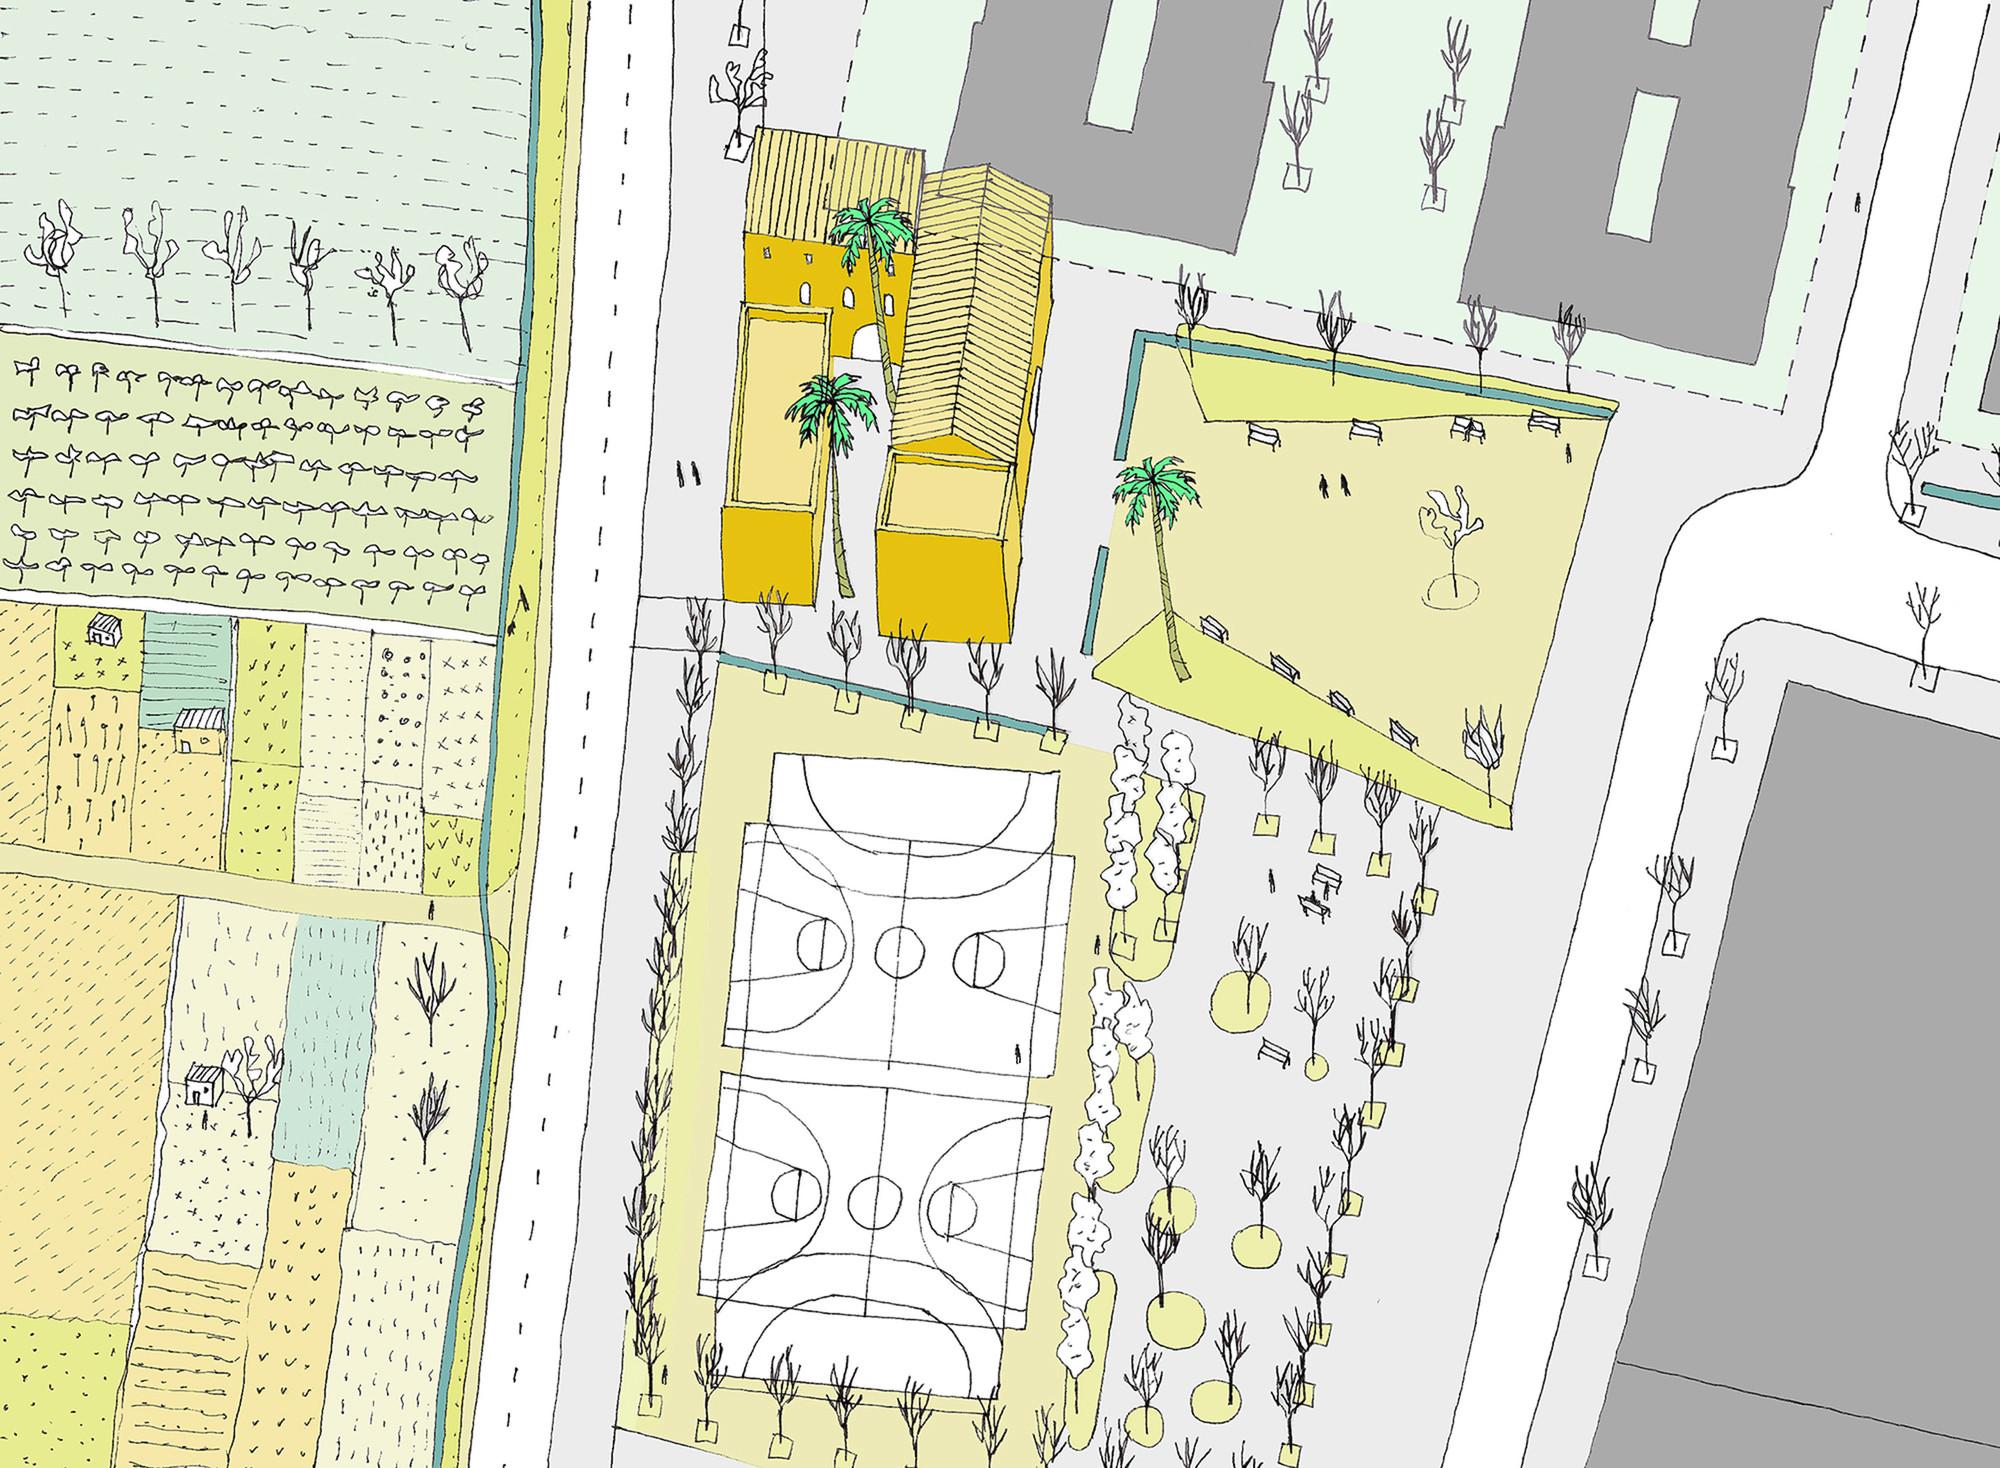 Mejora del espacio público. Image Courtesy of Equipo Improvistos